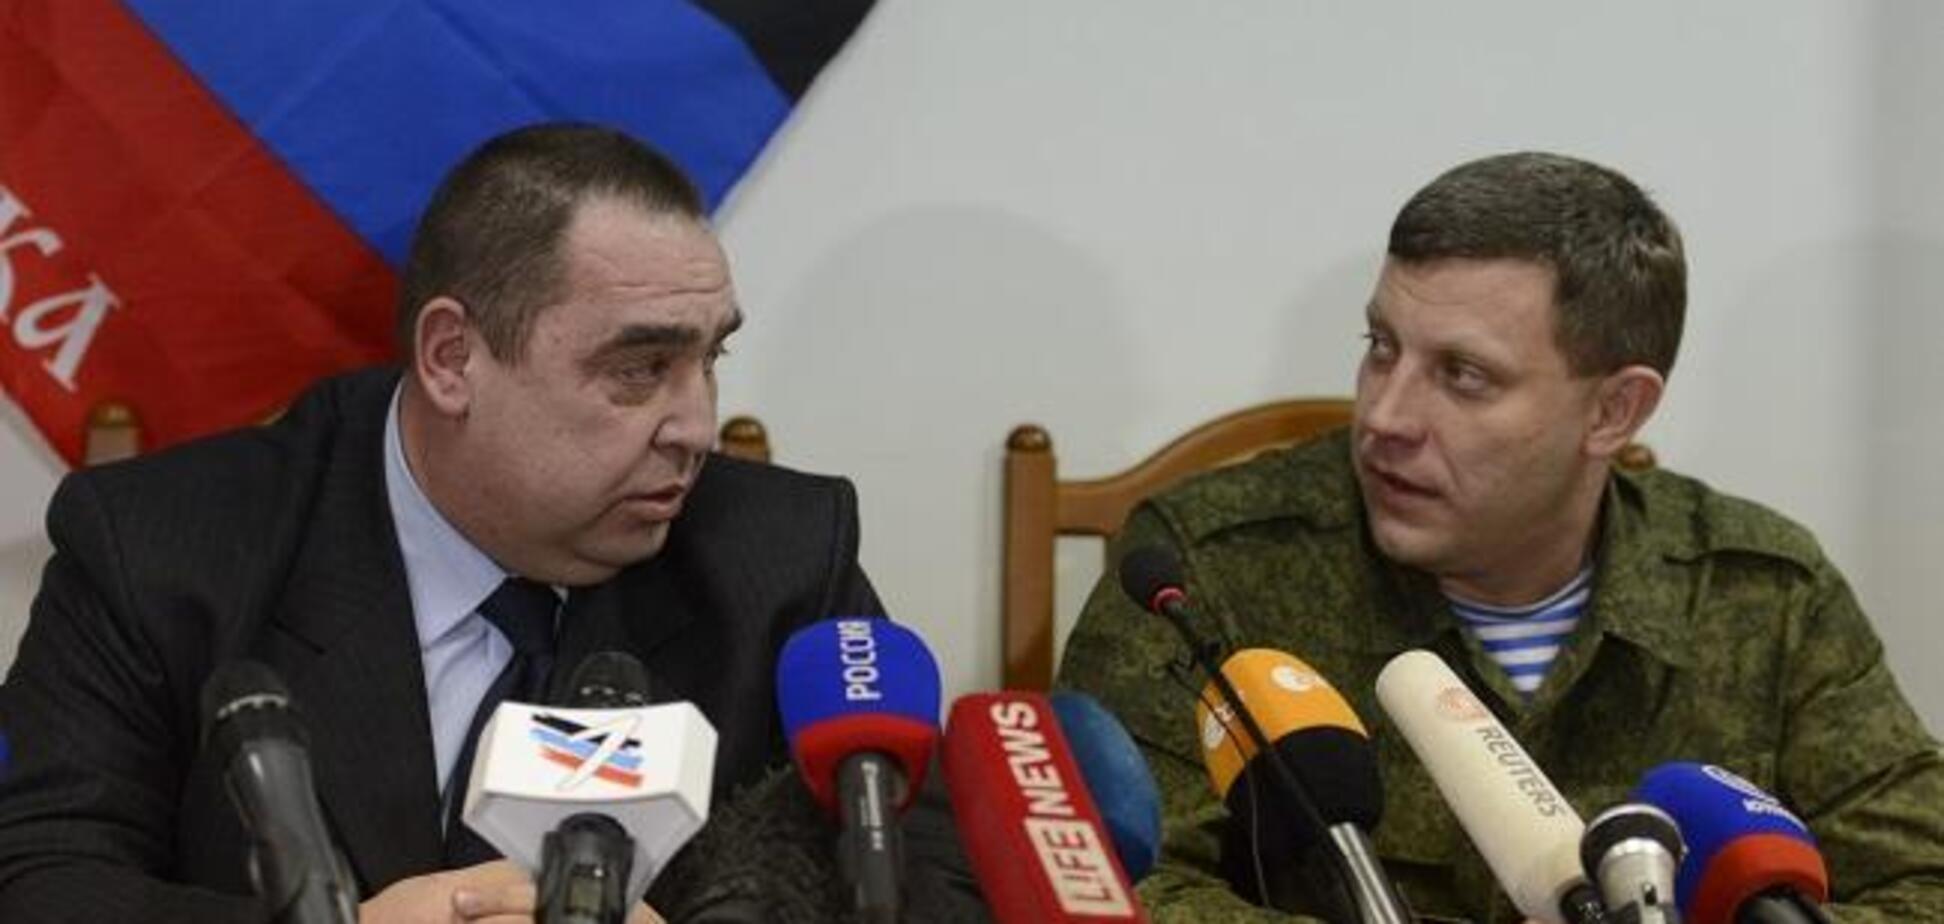 'Обмена пленными не будет': Путина и главарей террористов уличили в блефе